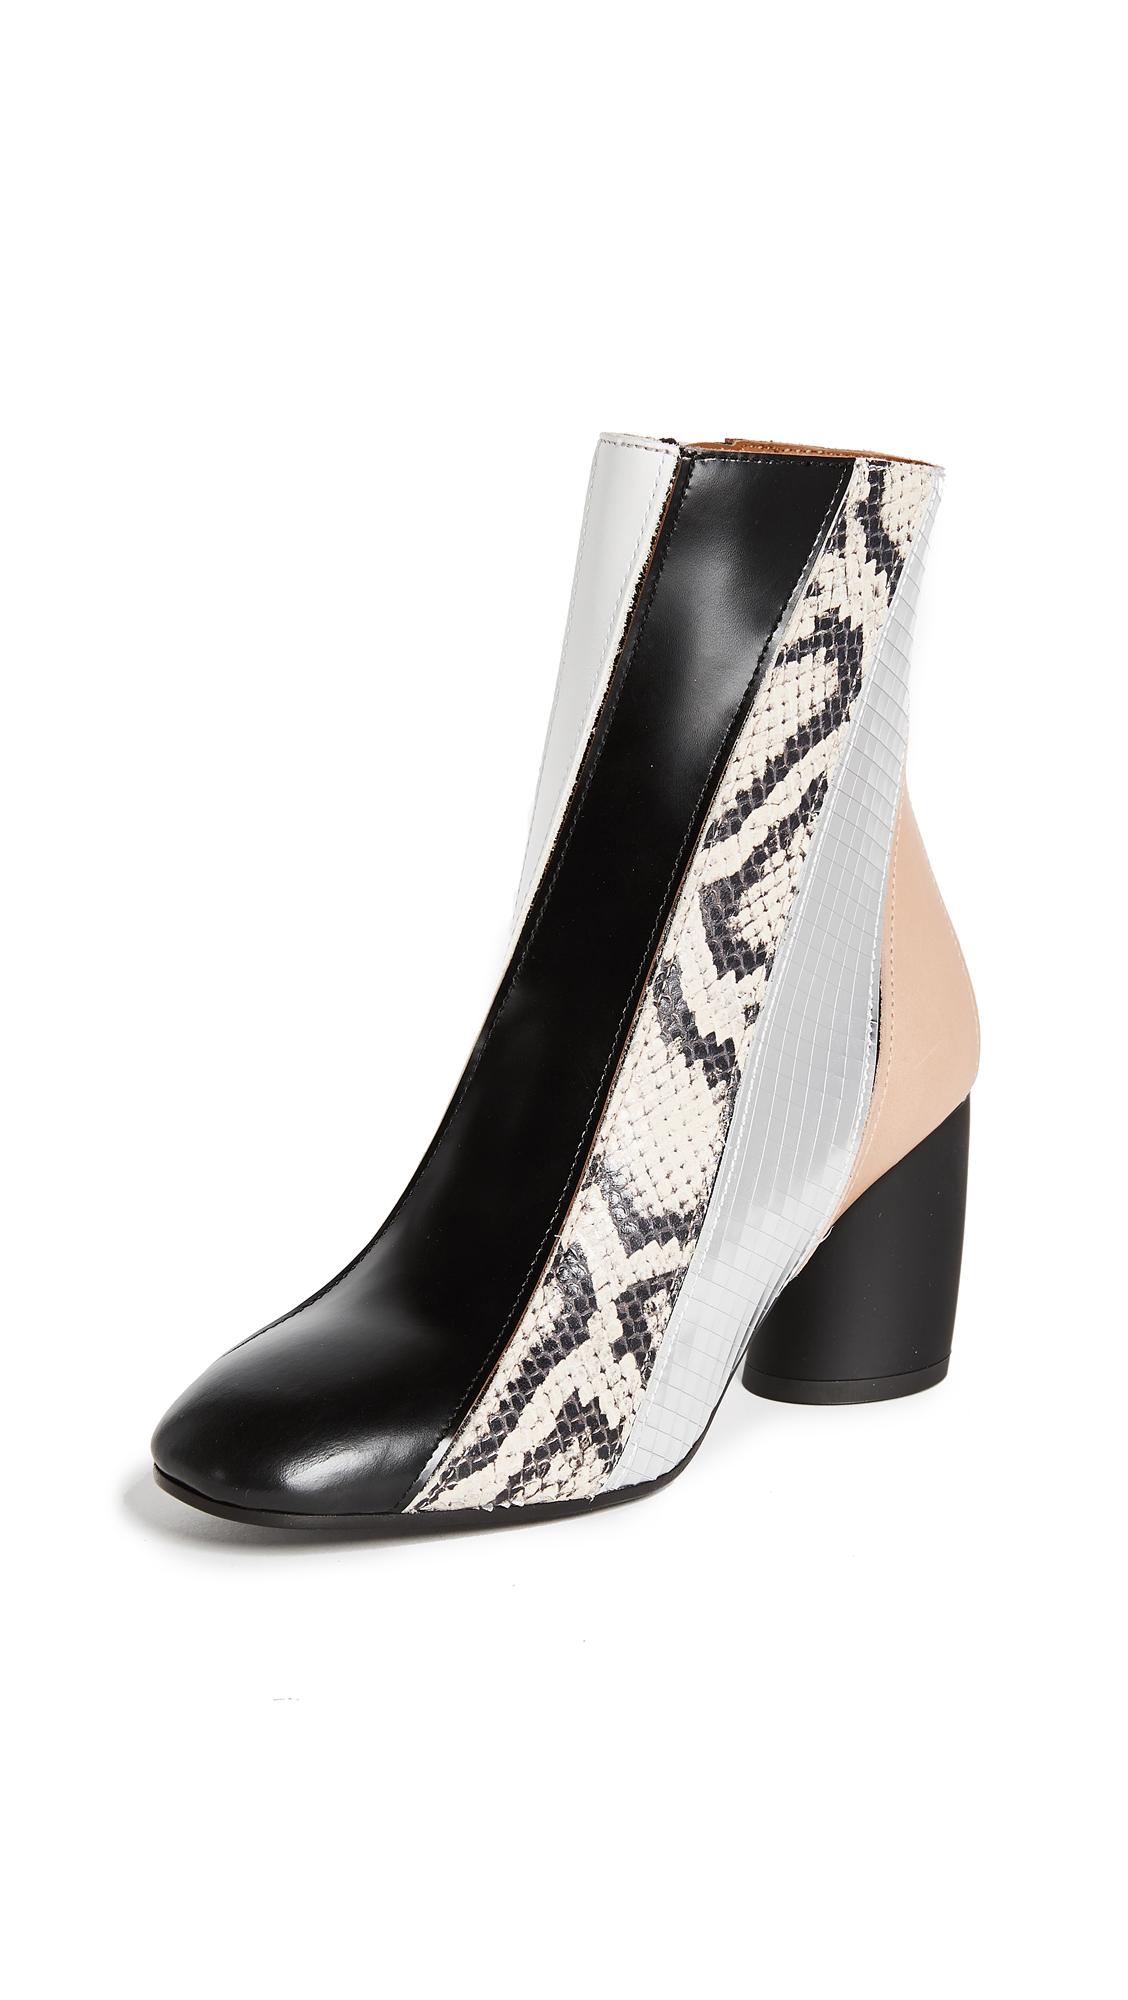 Proenza Schouler Block Heel Booties